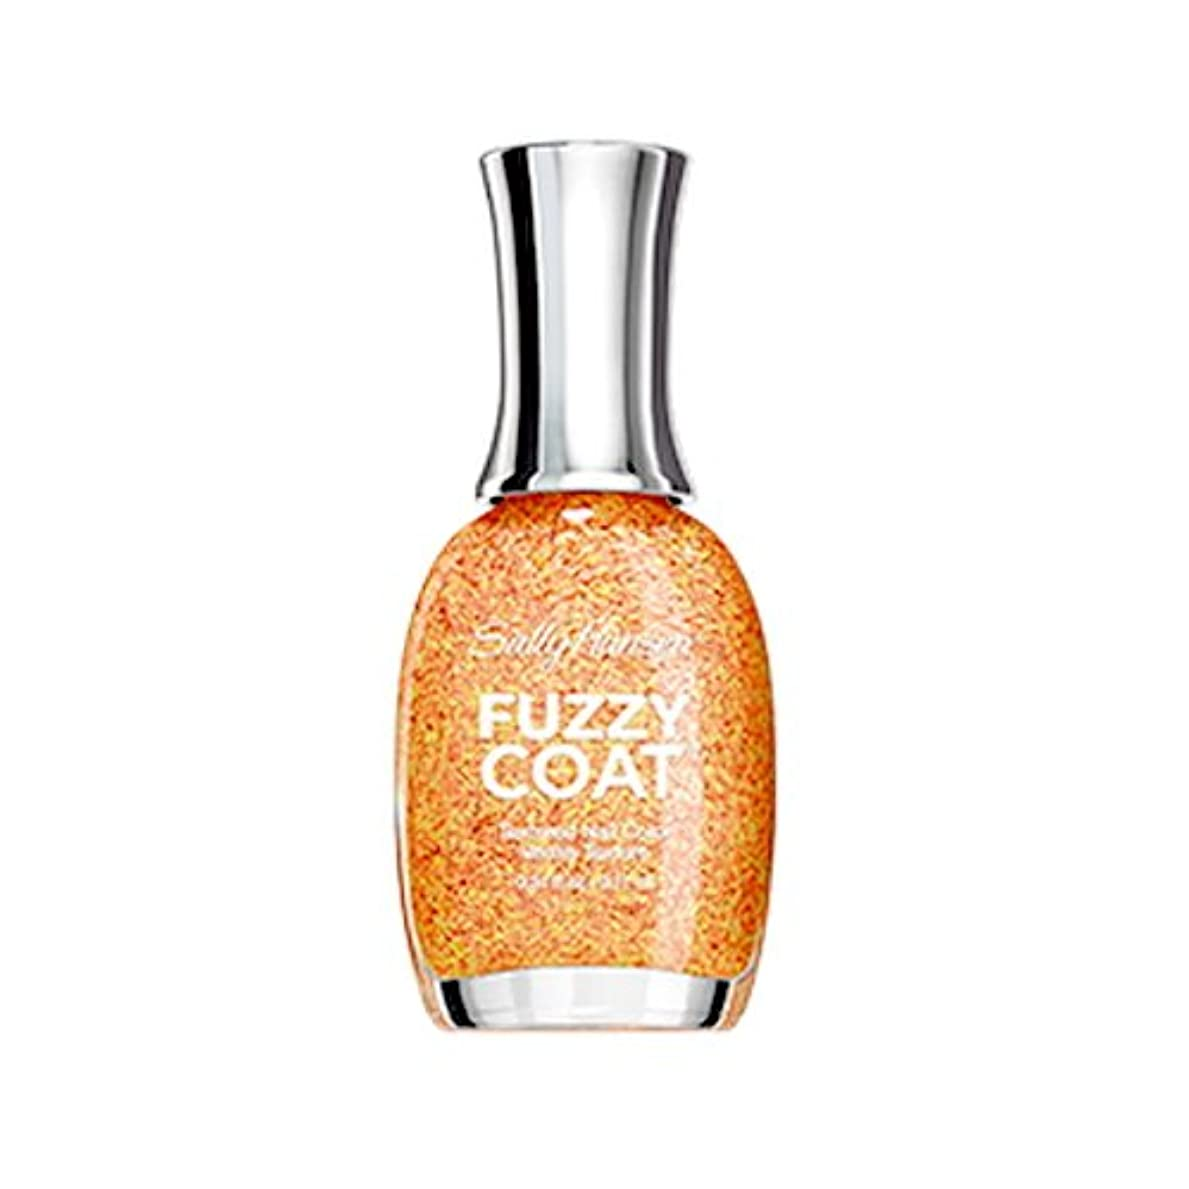 納屋ワードローブオフセット(3 Pack) SALLY HANSEN Fuzzy Coat Special Effect Textured Nail Color - Peach Fuzz (並行輸入品)